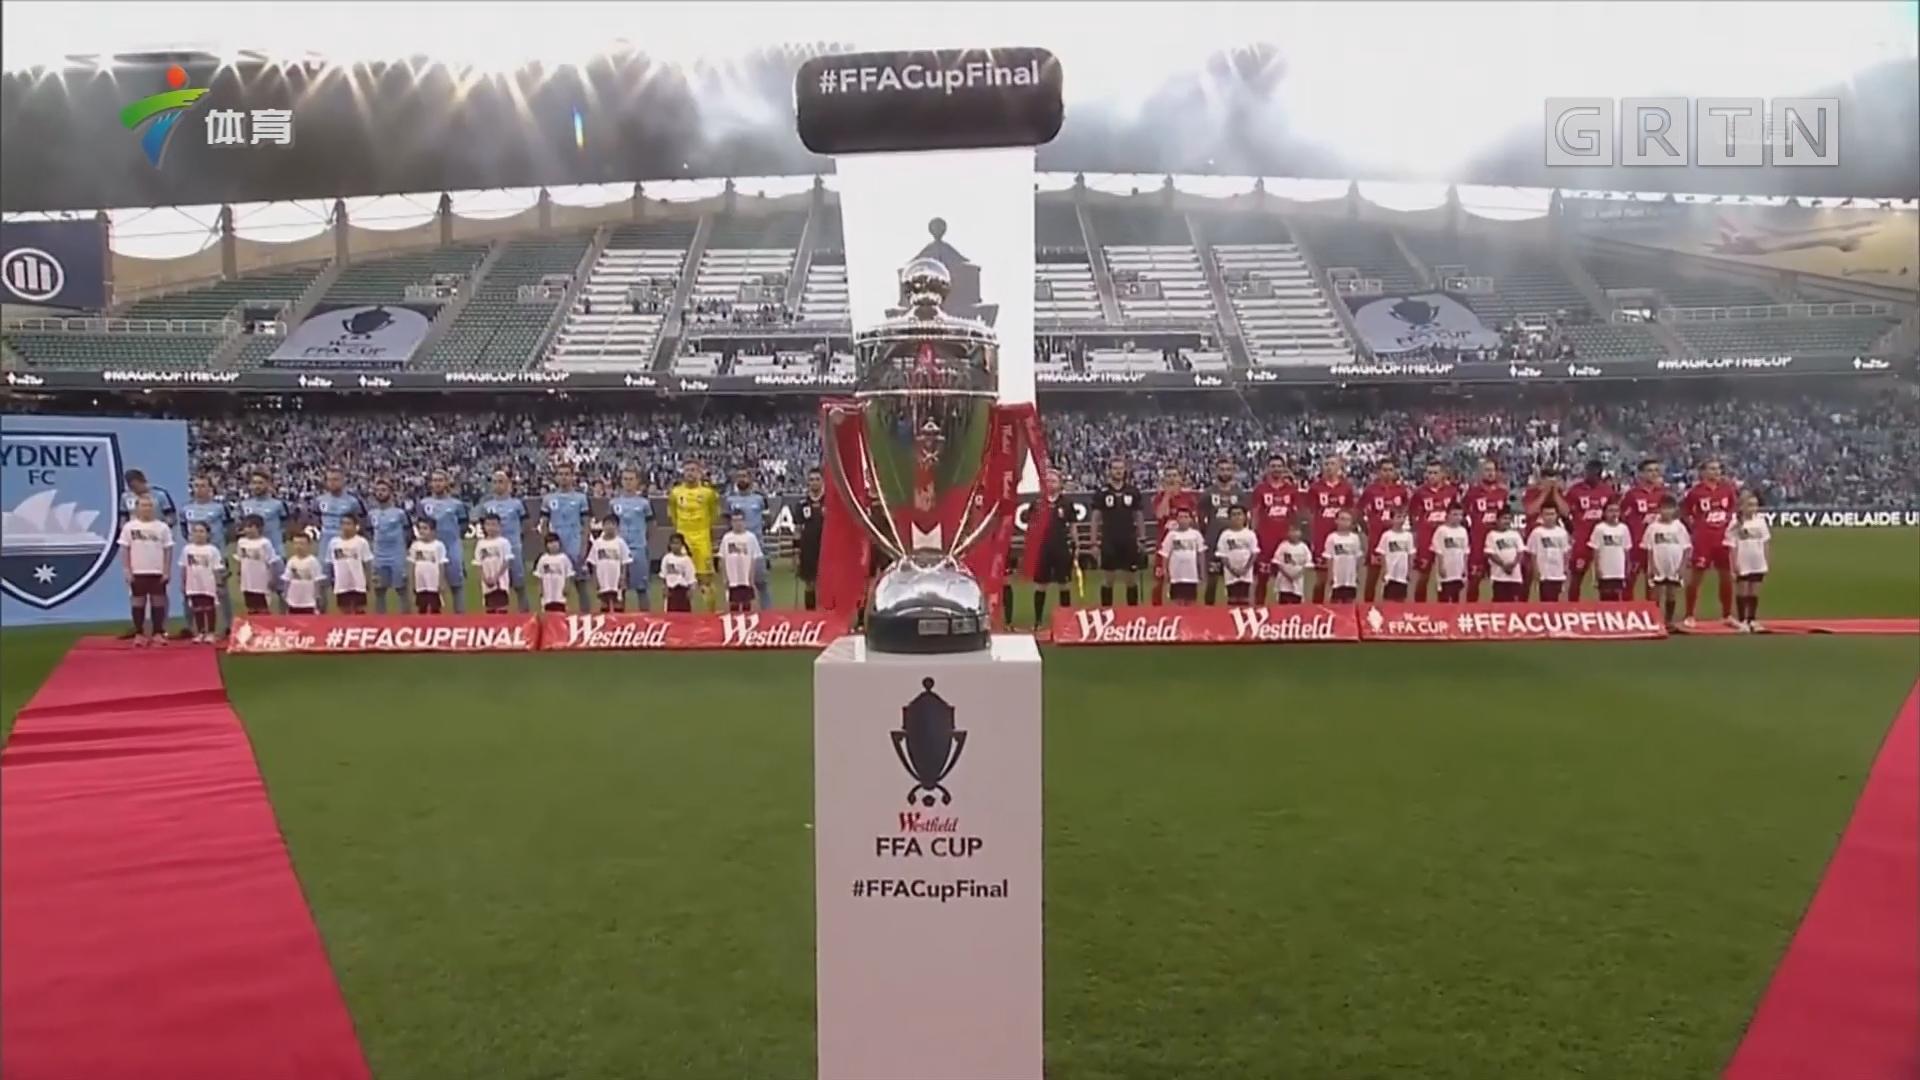 悉尼FC捧得澳大利亚足总杯